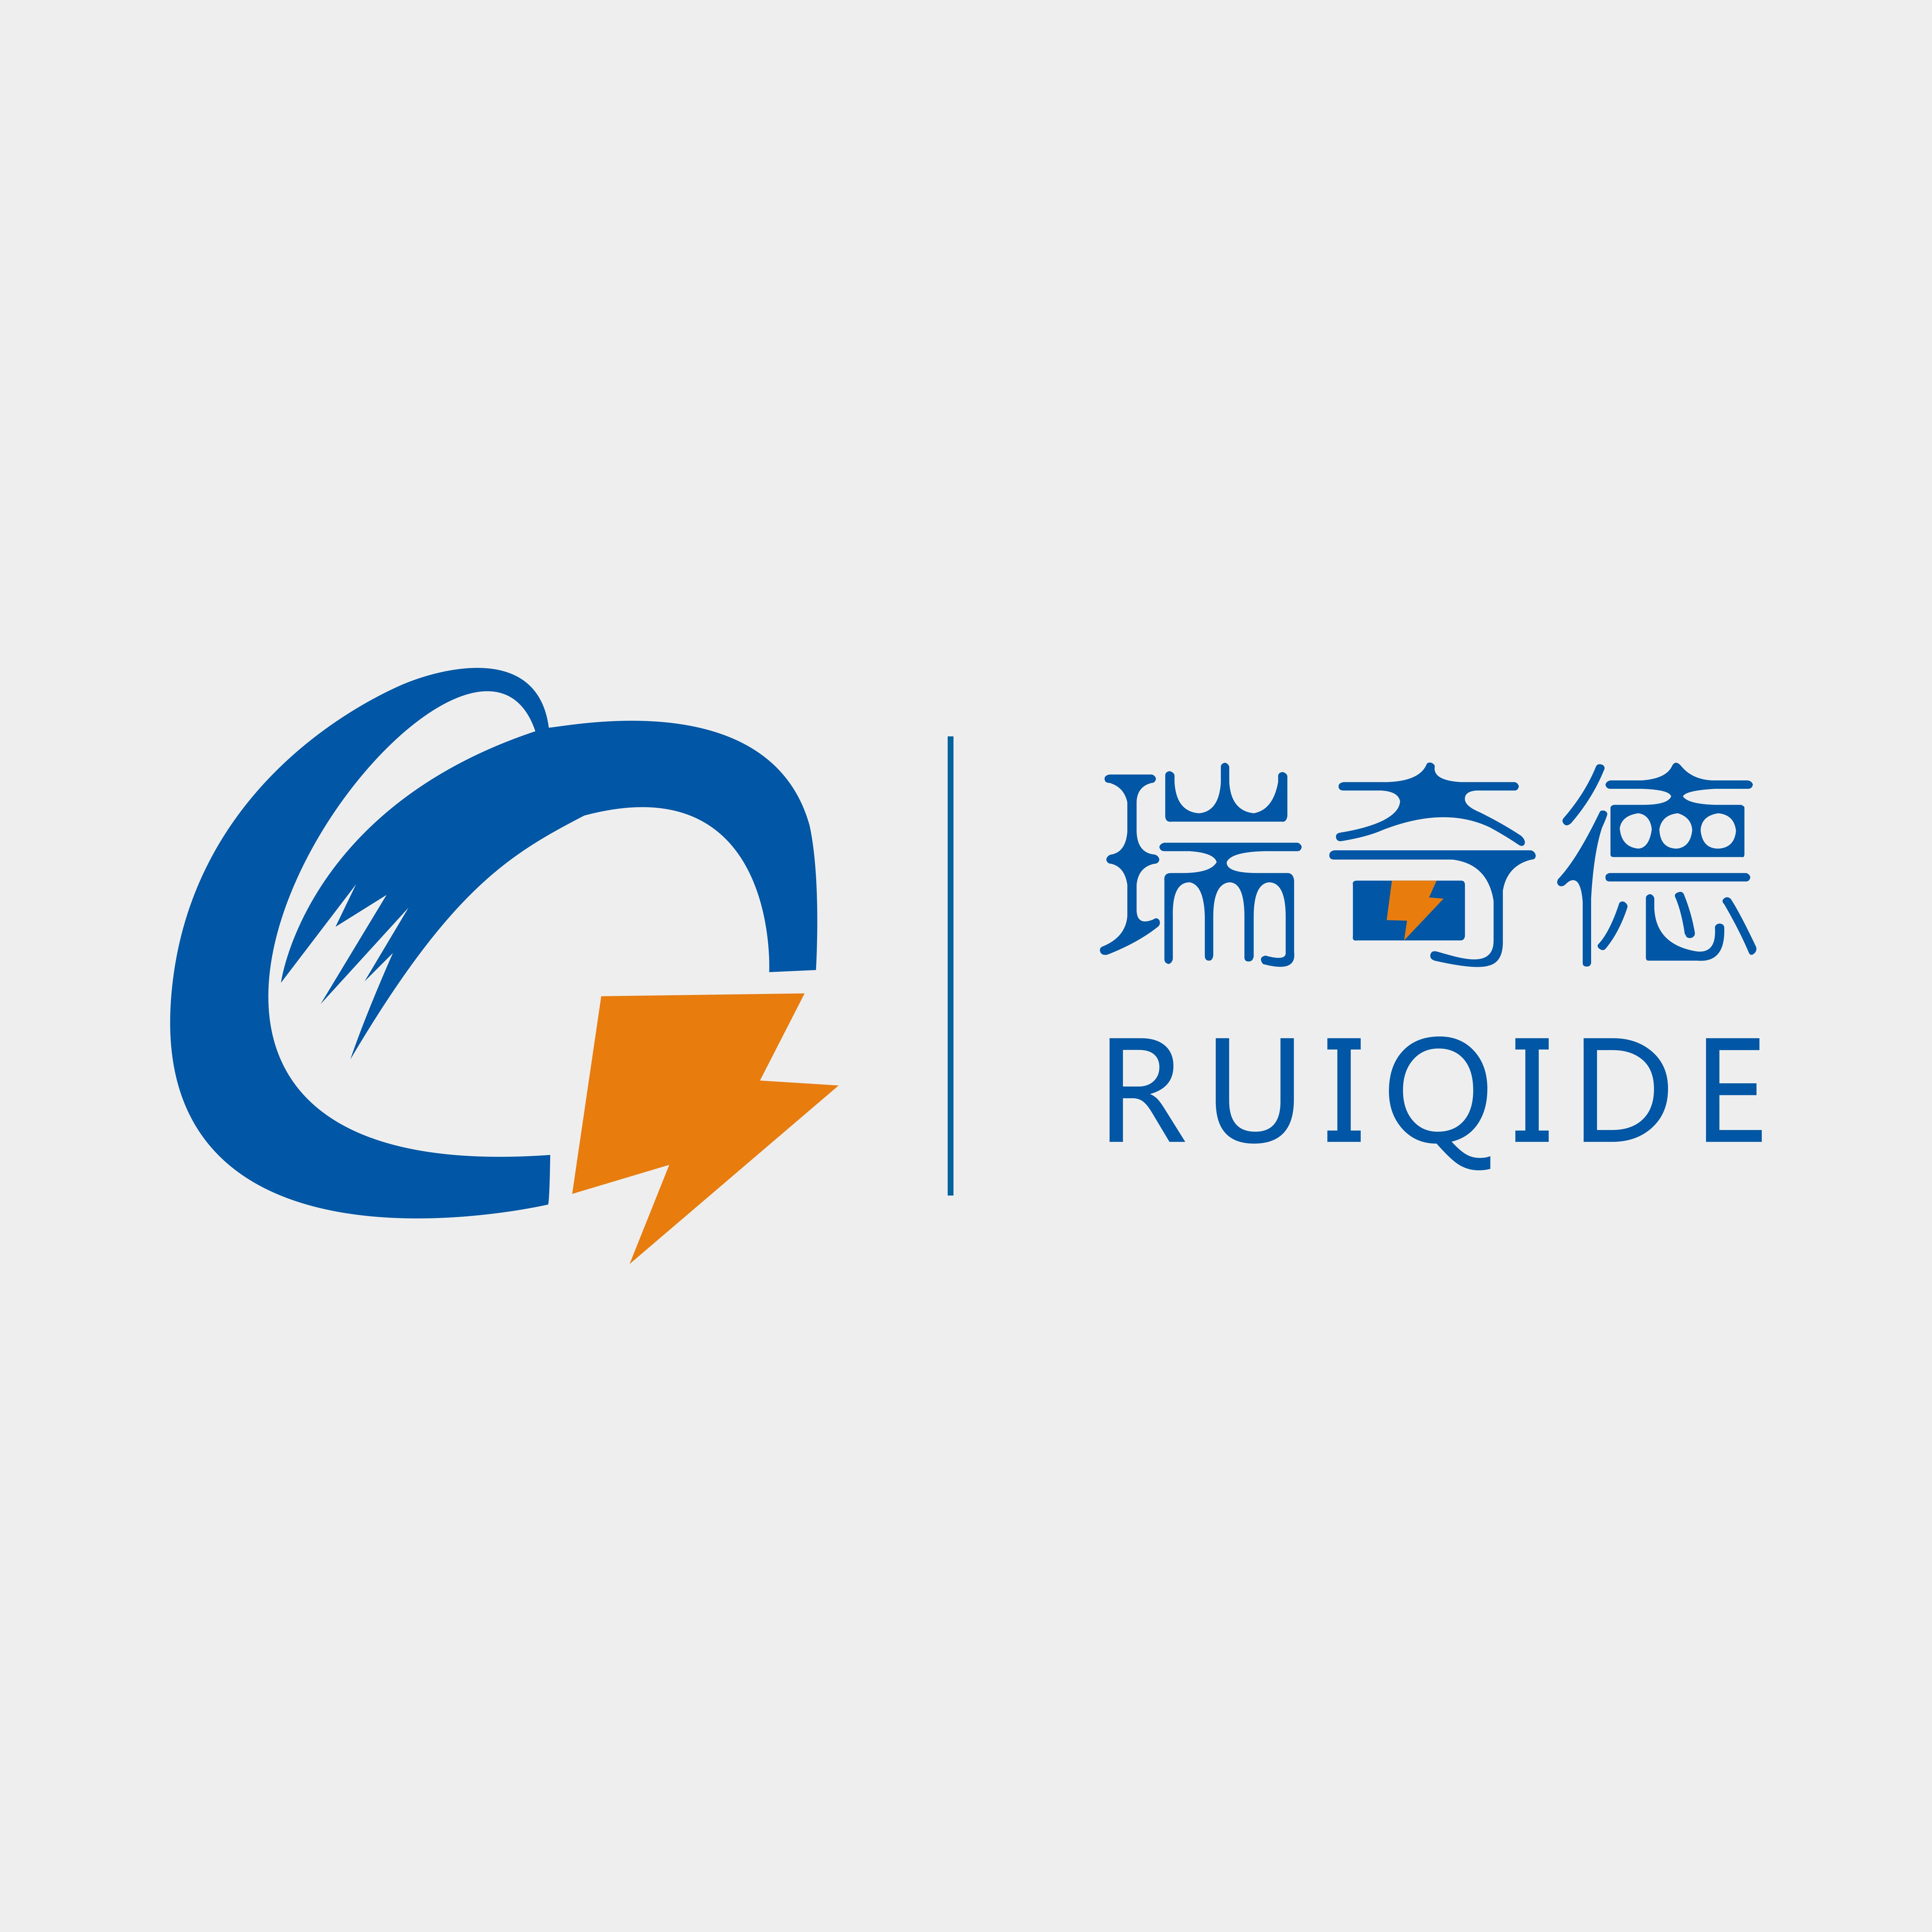 深圳瑞奇德科技开发有限公司